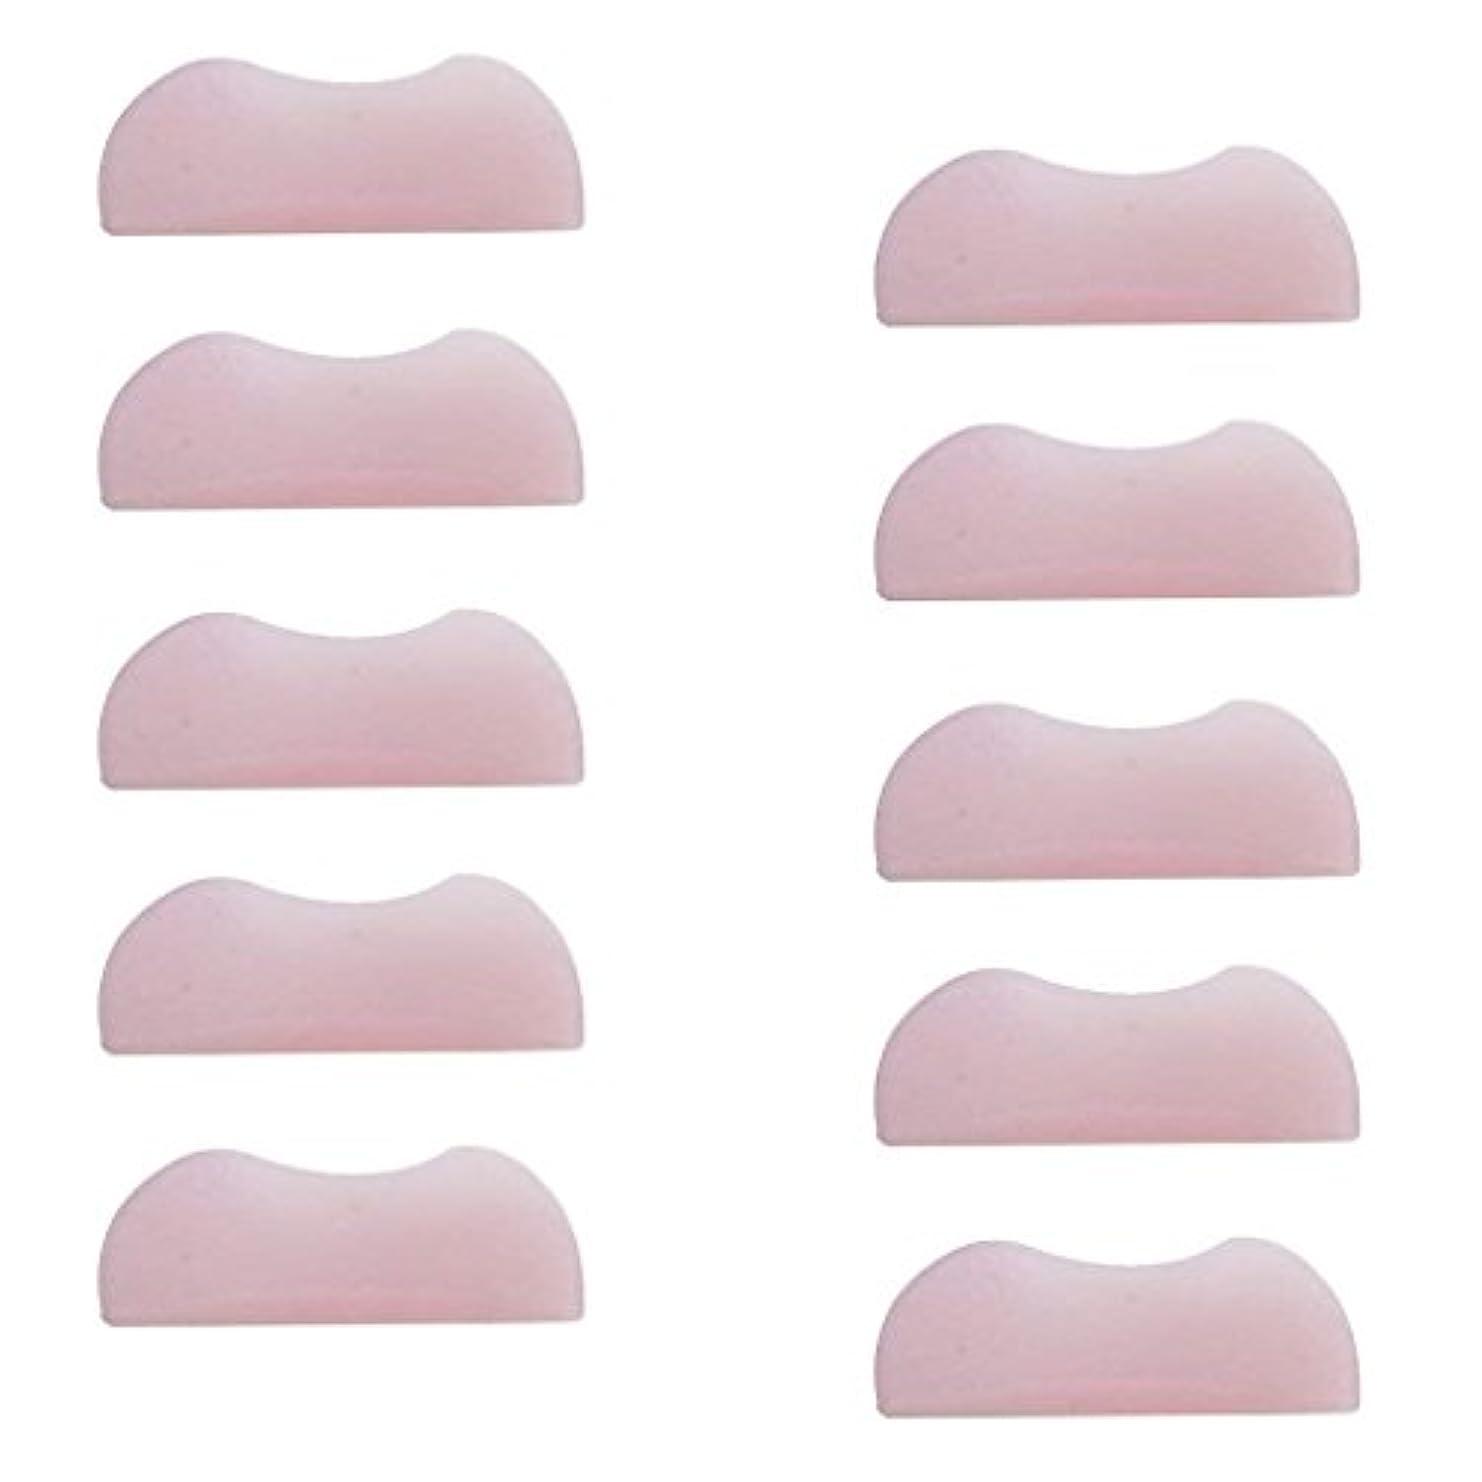 一貫性のない芸術的啓示5組 シリコンのまつげパッド まつげ美容用のまつげパーツキット